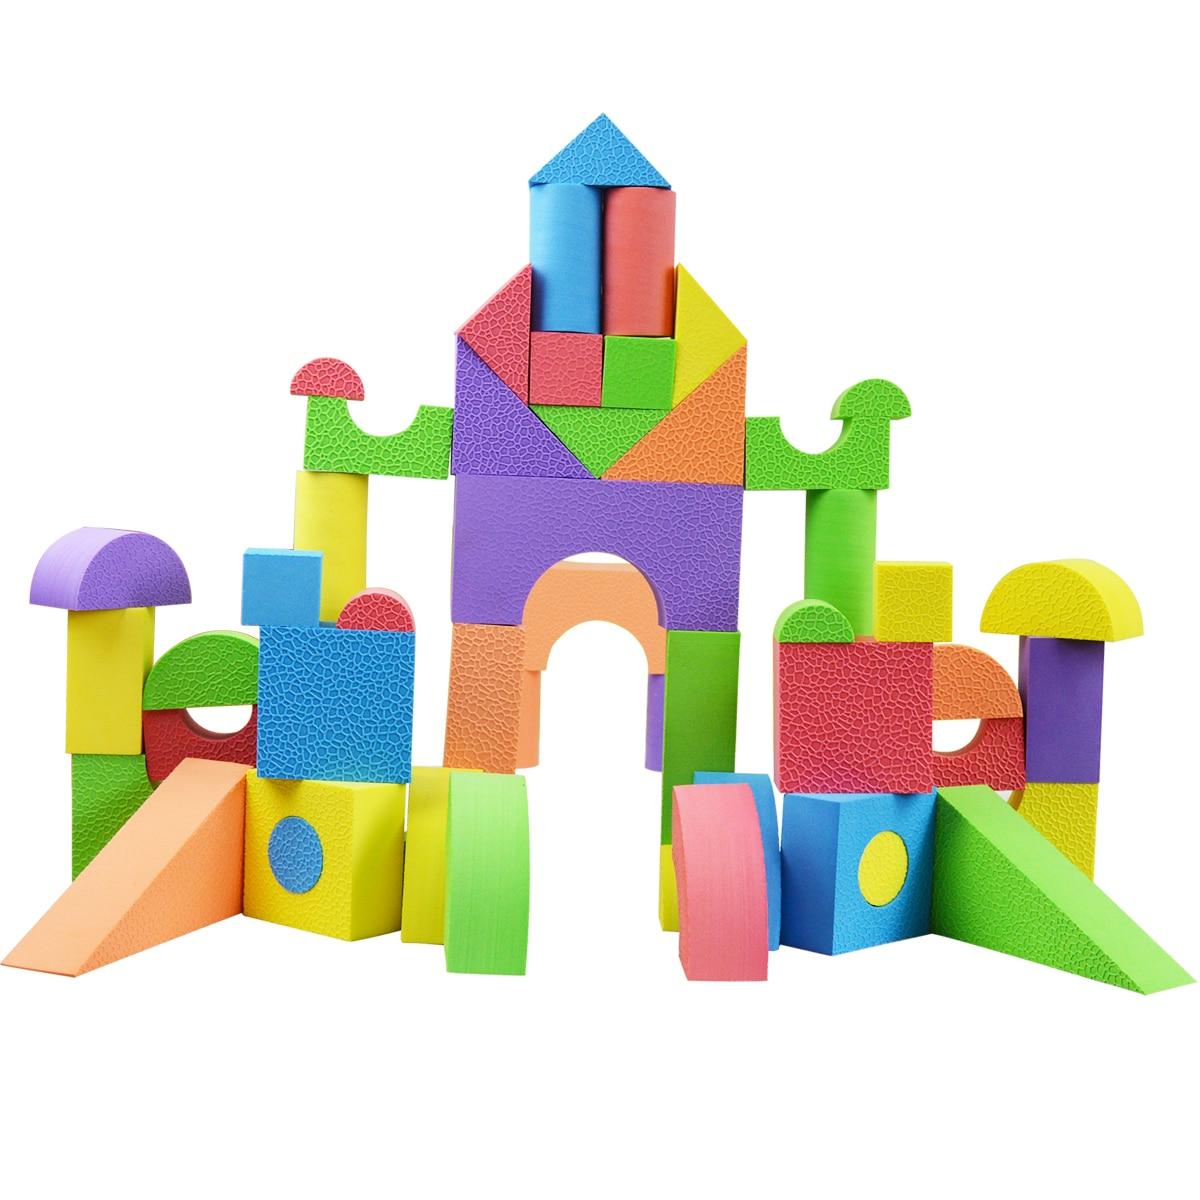 Large foam blocks baby toy eva soft blocks child sponge for Foam blocks for building houses